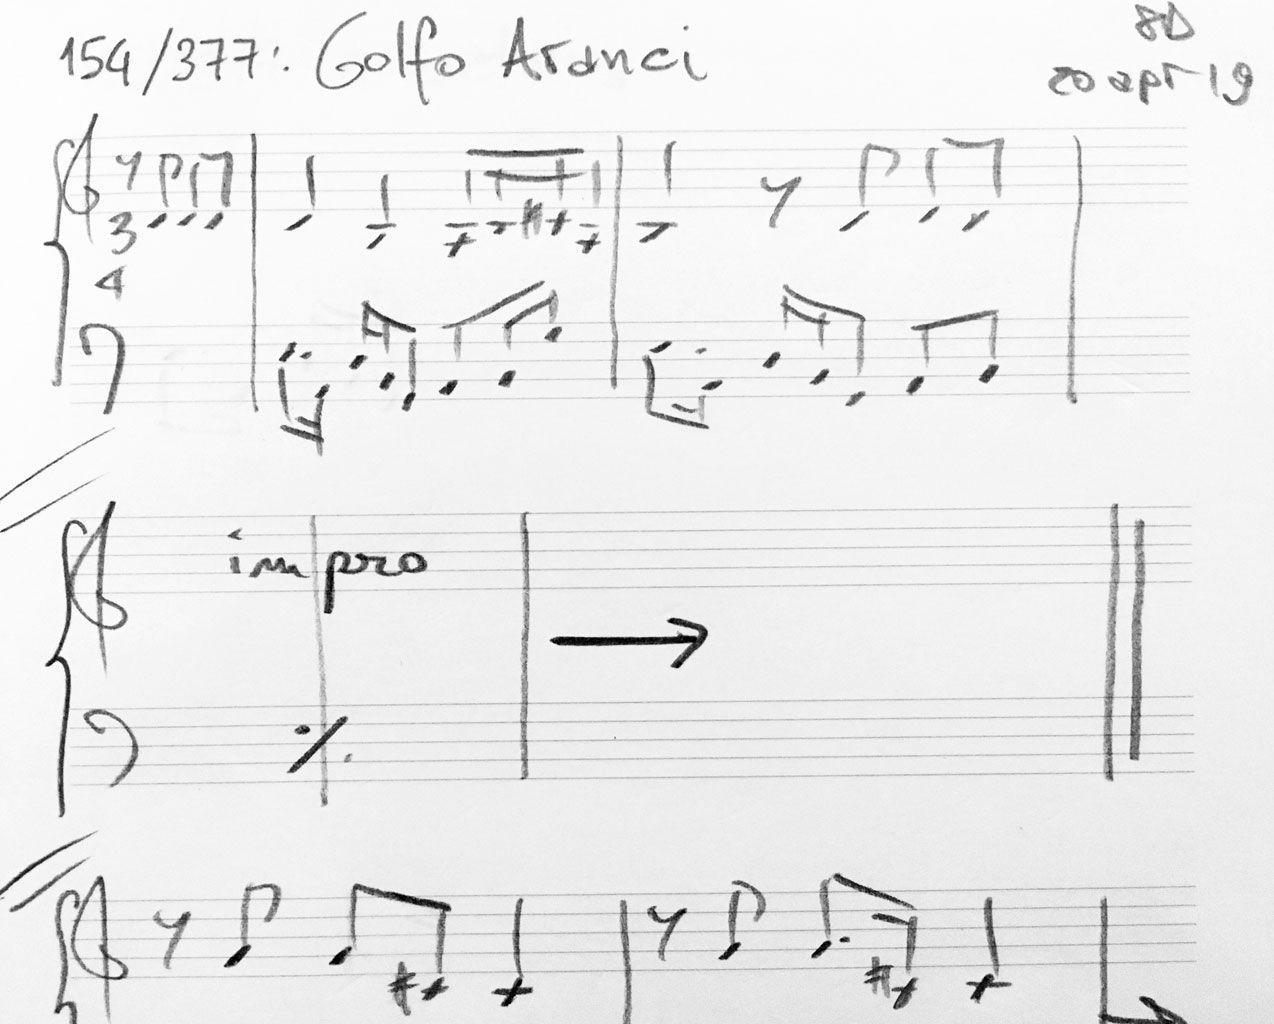 154-Golfo-Aranci-score